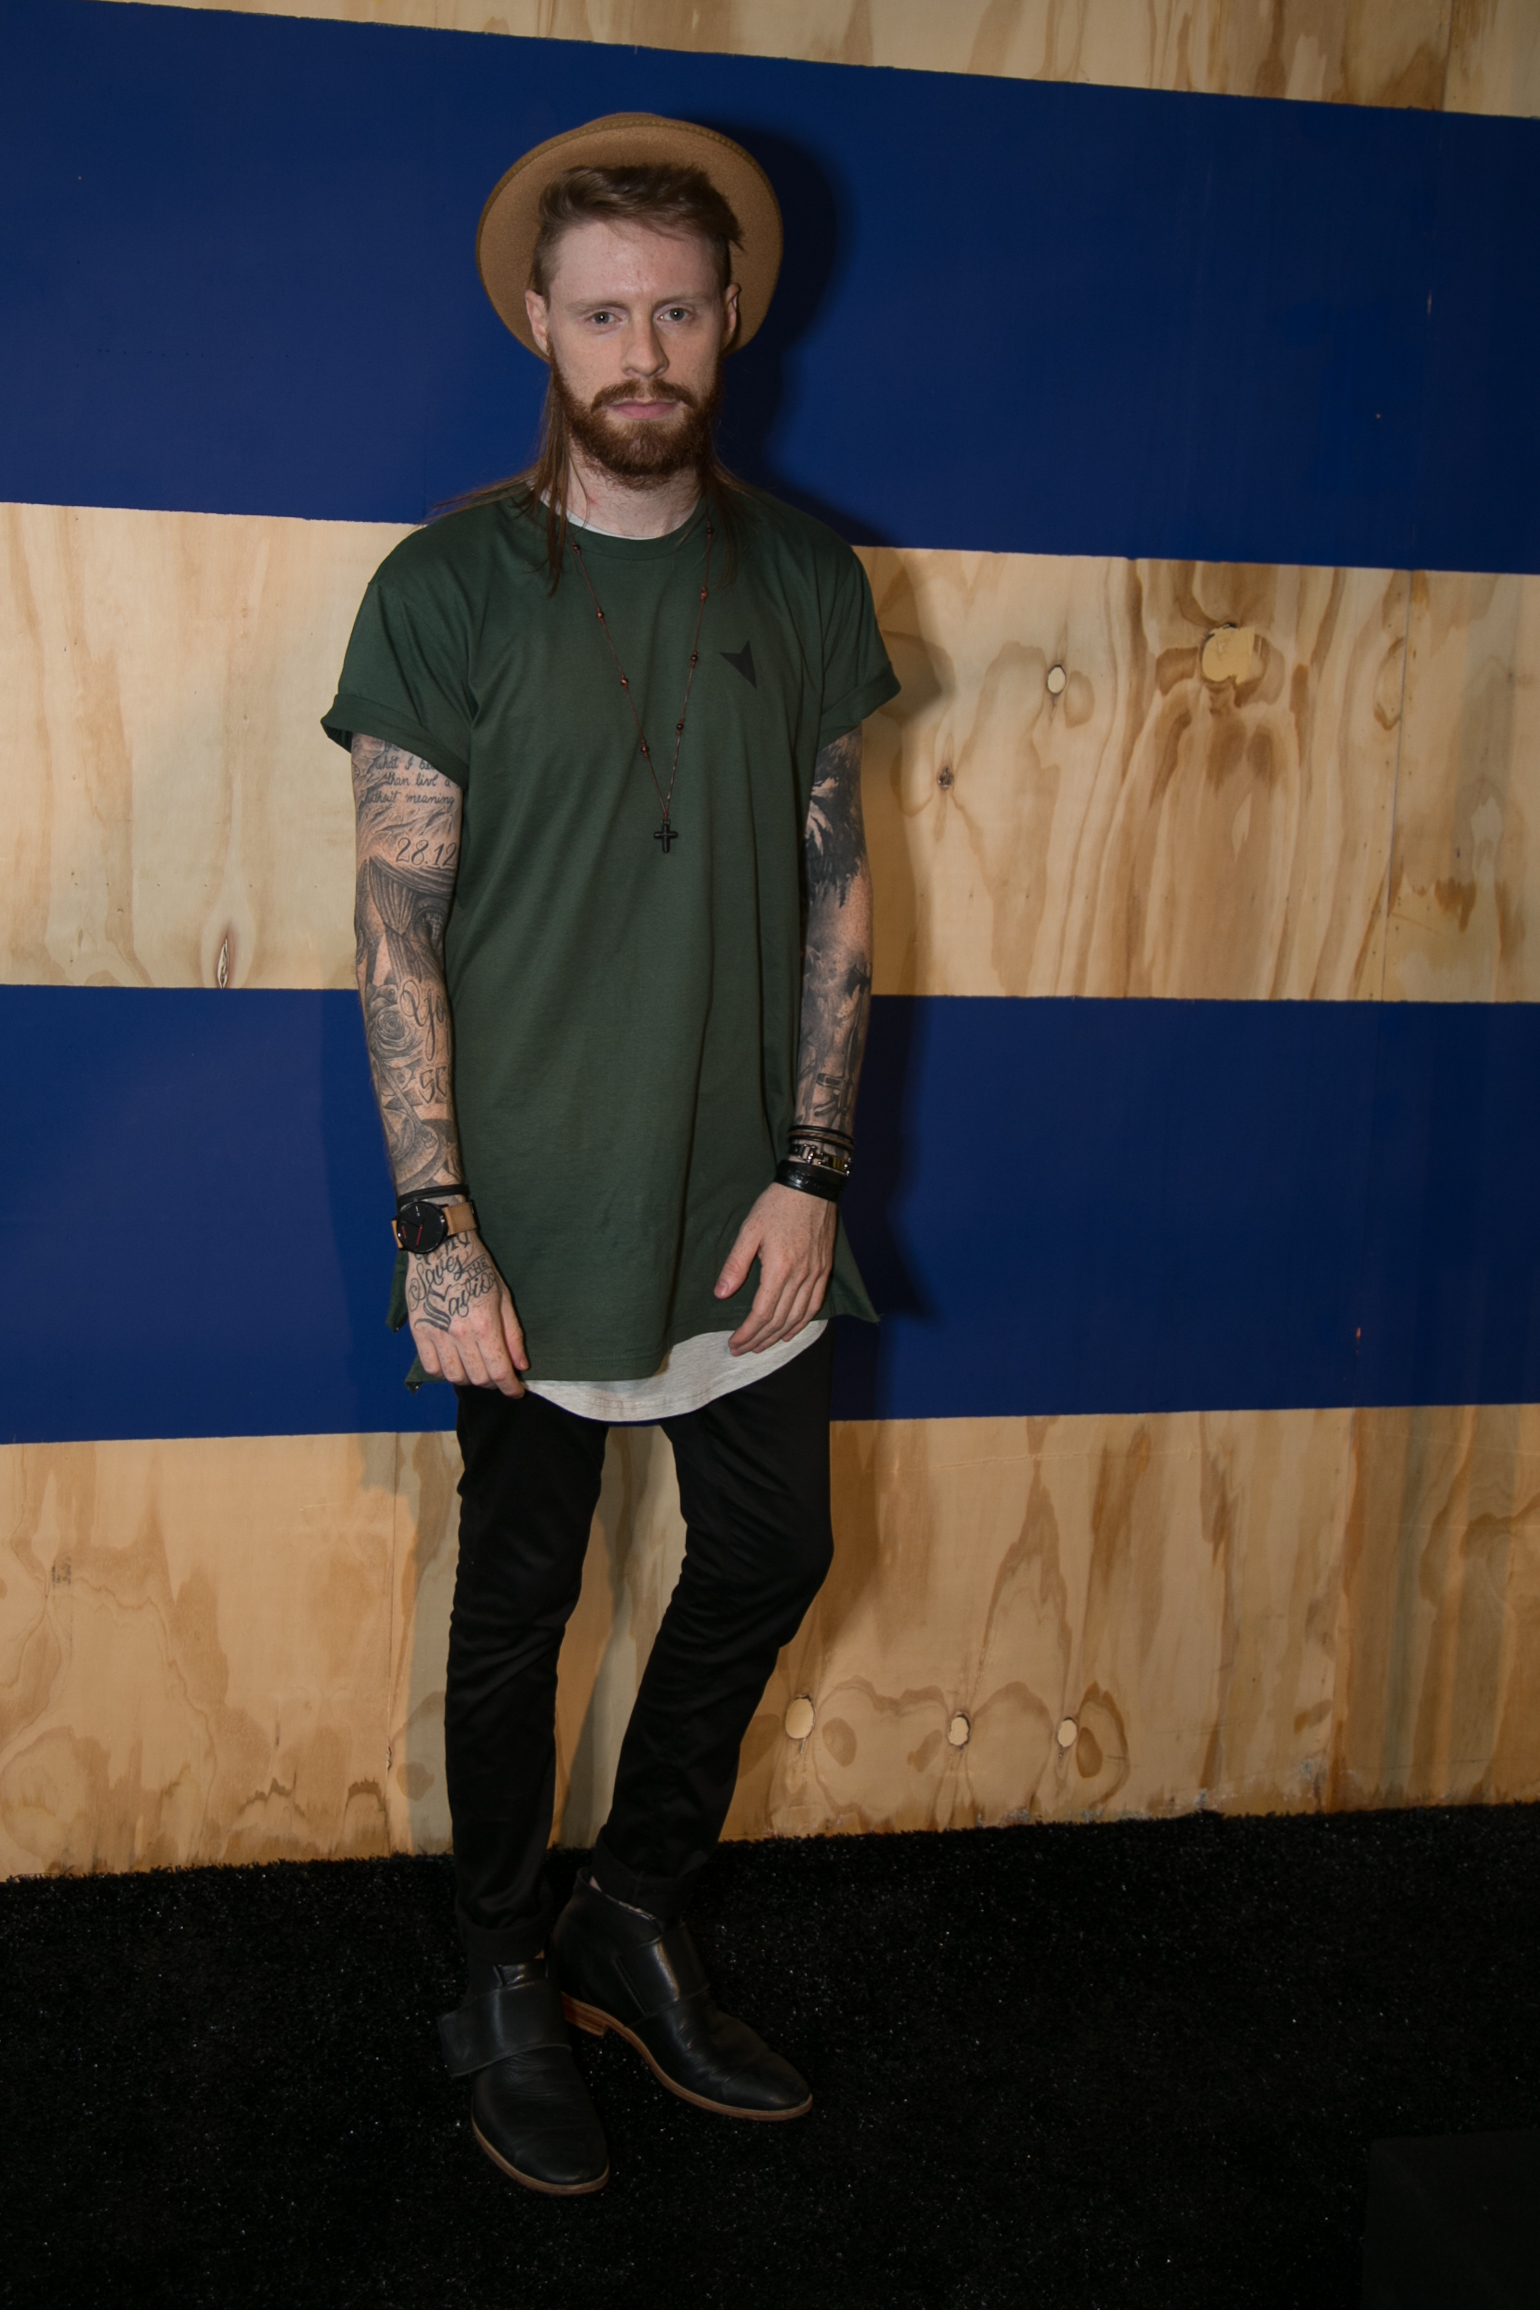 jeans-street-style-masculino-blog-de-moda-masculina-dicas-estilo-moda-jeans-jaqueta-calca-short-saia-fashion-week-spfw-spfwtrans42-spfwn42-tendencia-masculina-inverno-6